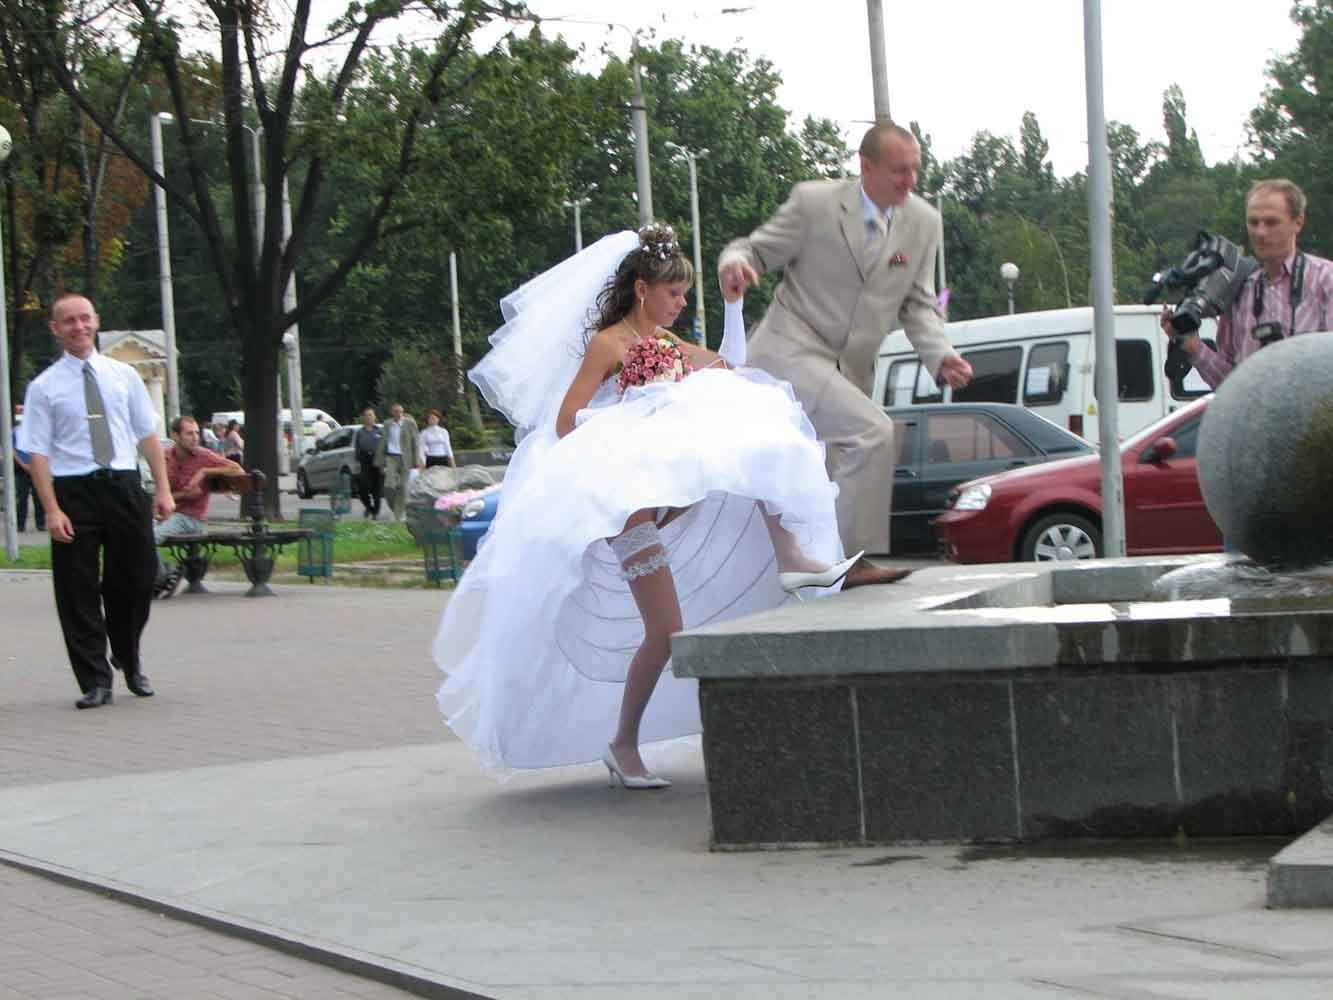 Телки на свадьбе фото, Свадебные засветы (44 фото) 9 фотография